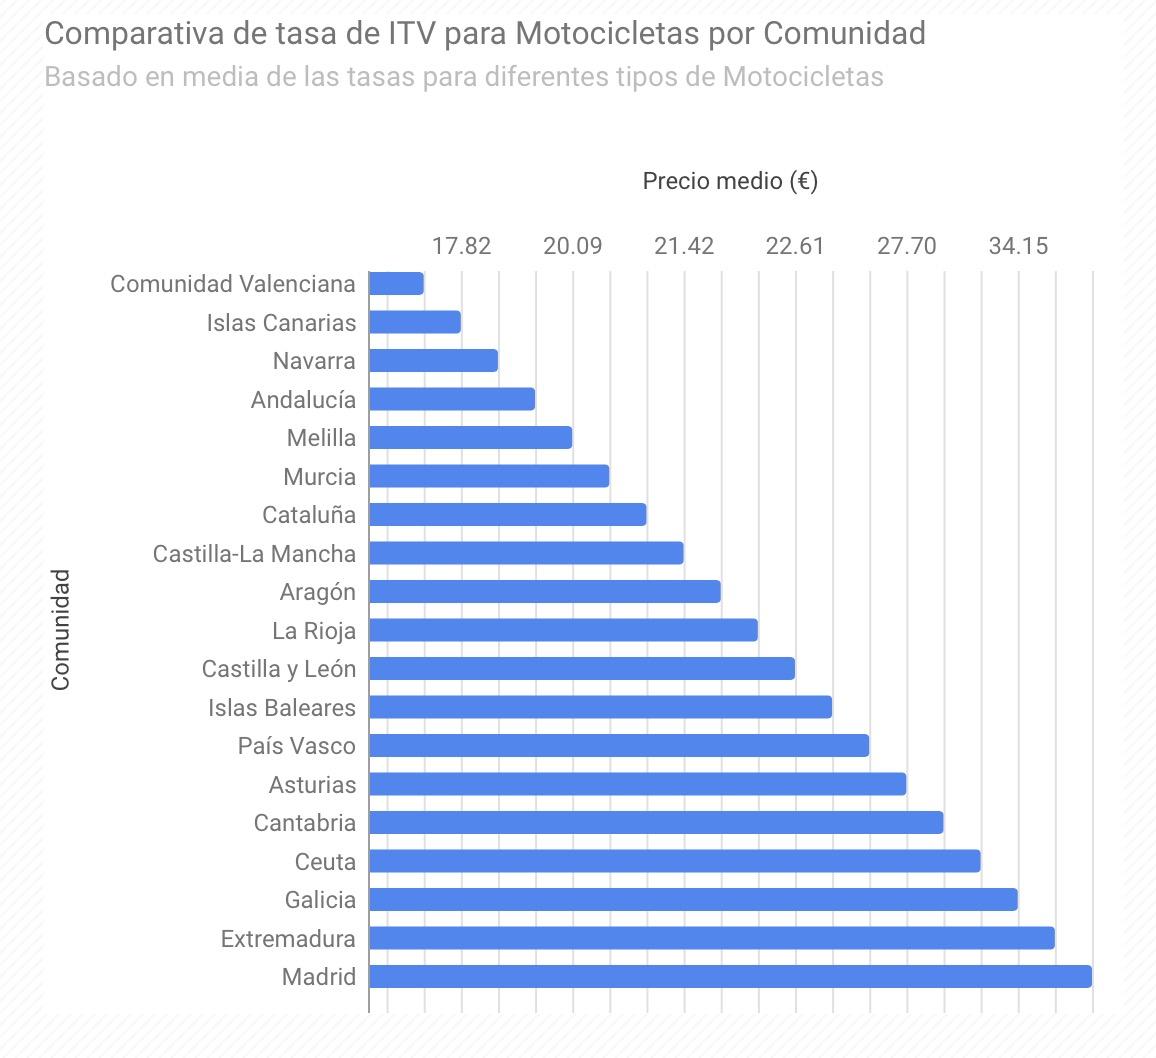 Comparativa de tasas ITV para motocicletas por comunidad